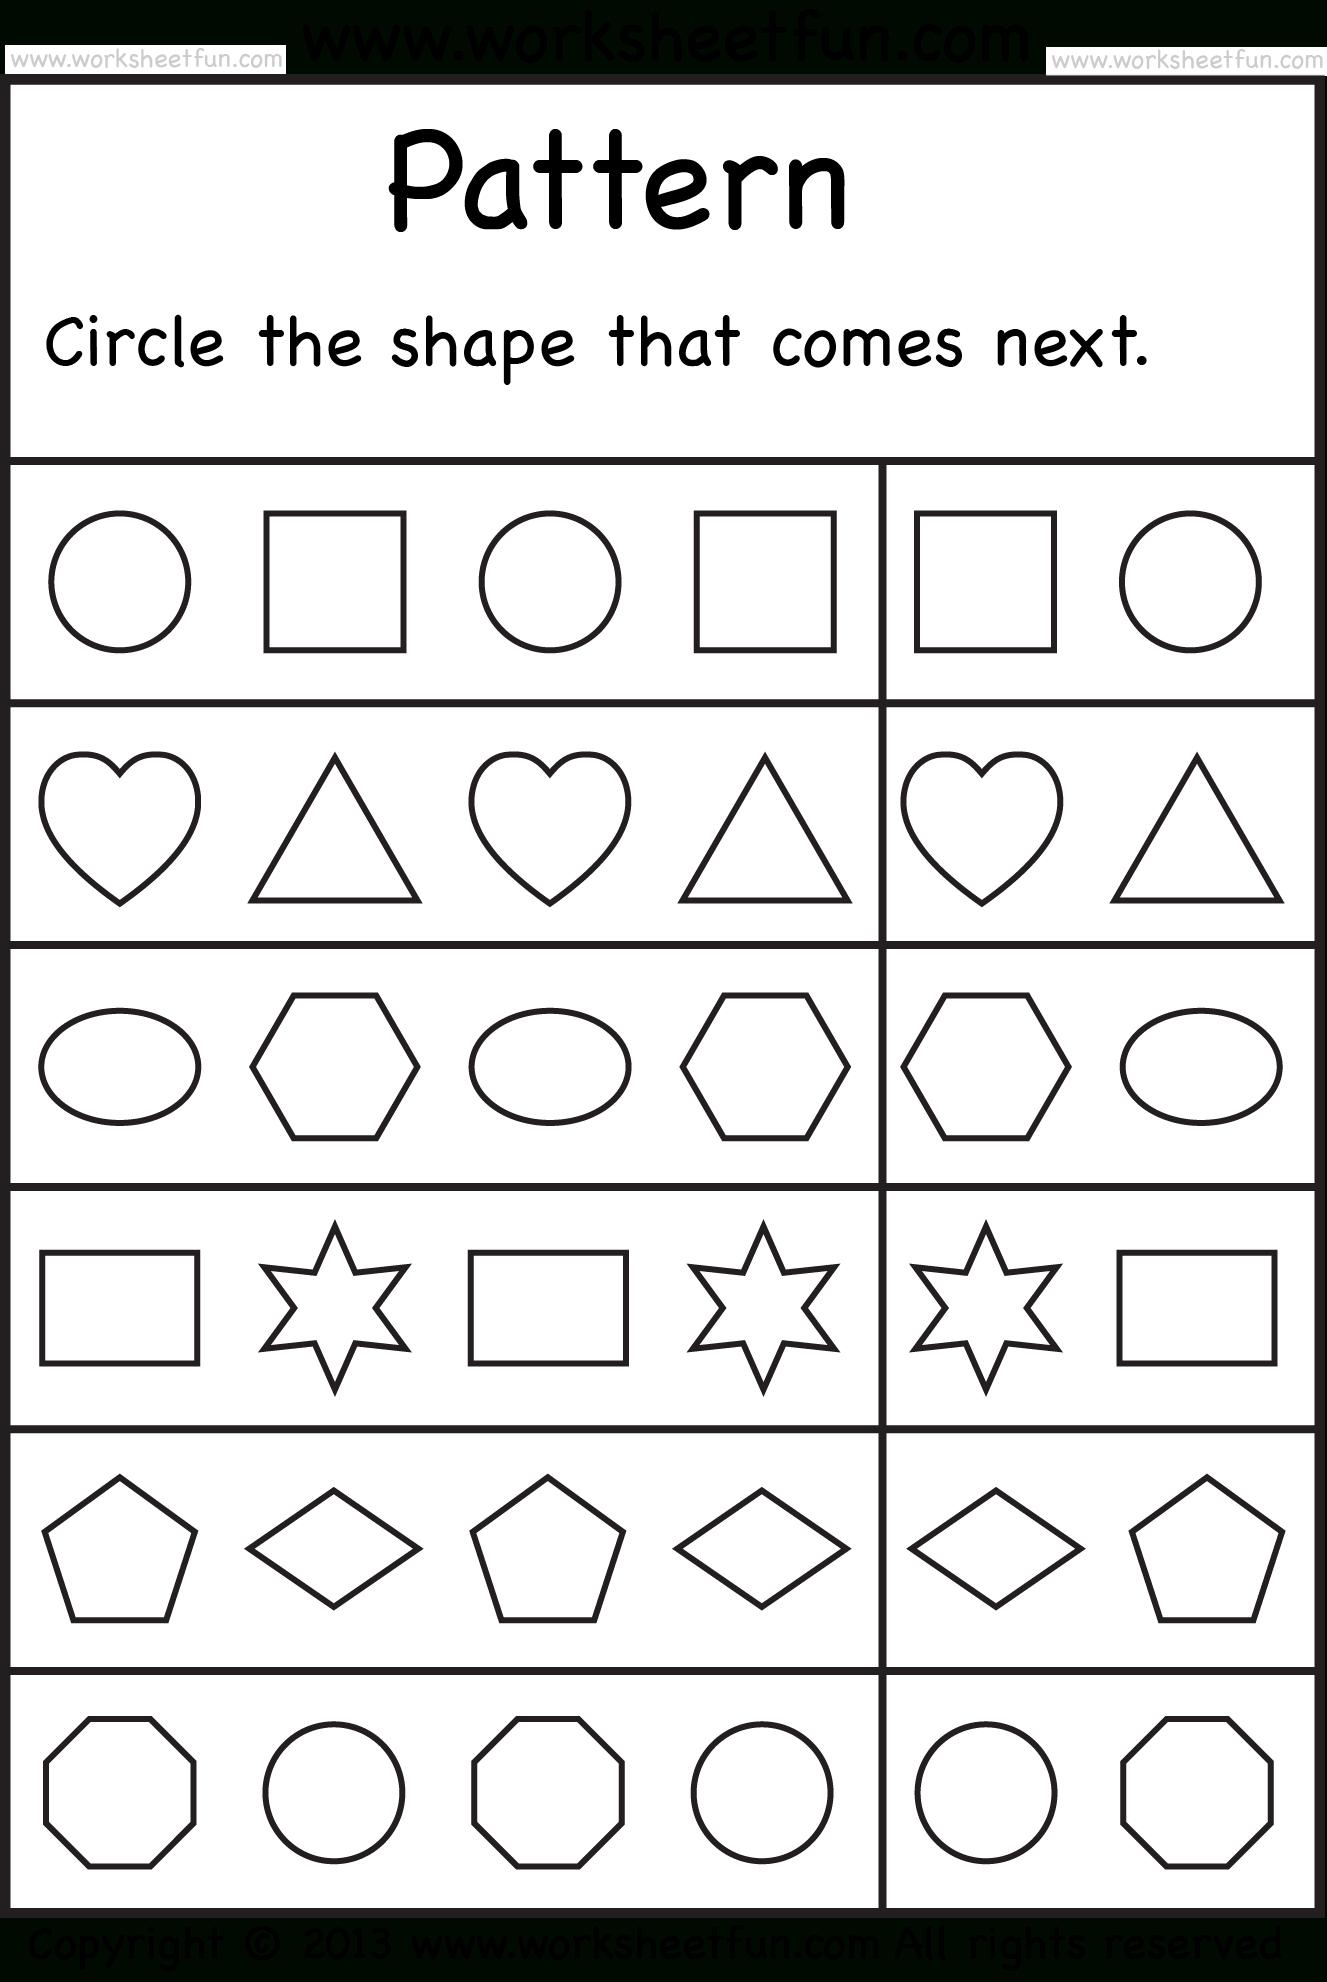 Free Printable Worksheets – Worksheetfun / Free Printable - Free Printable Sequencing Worksheets For Kindergarten